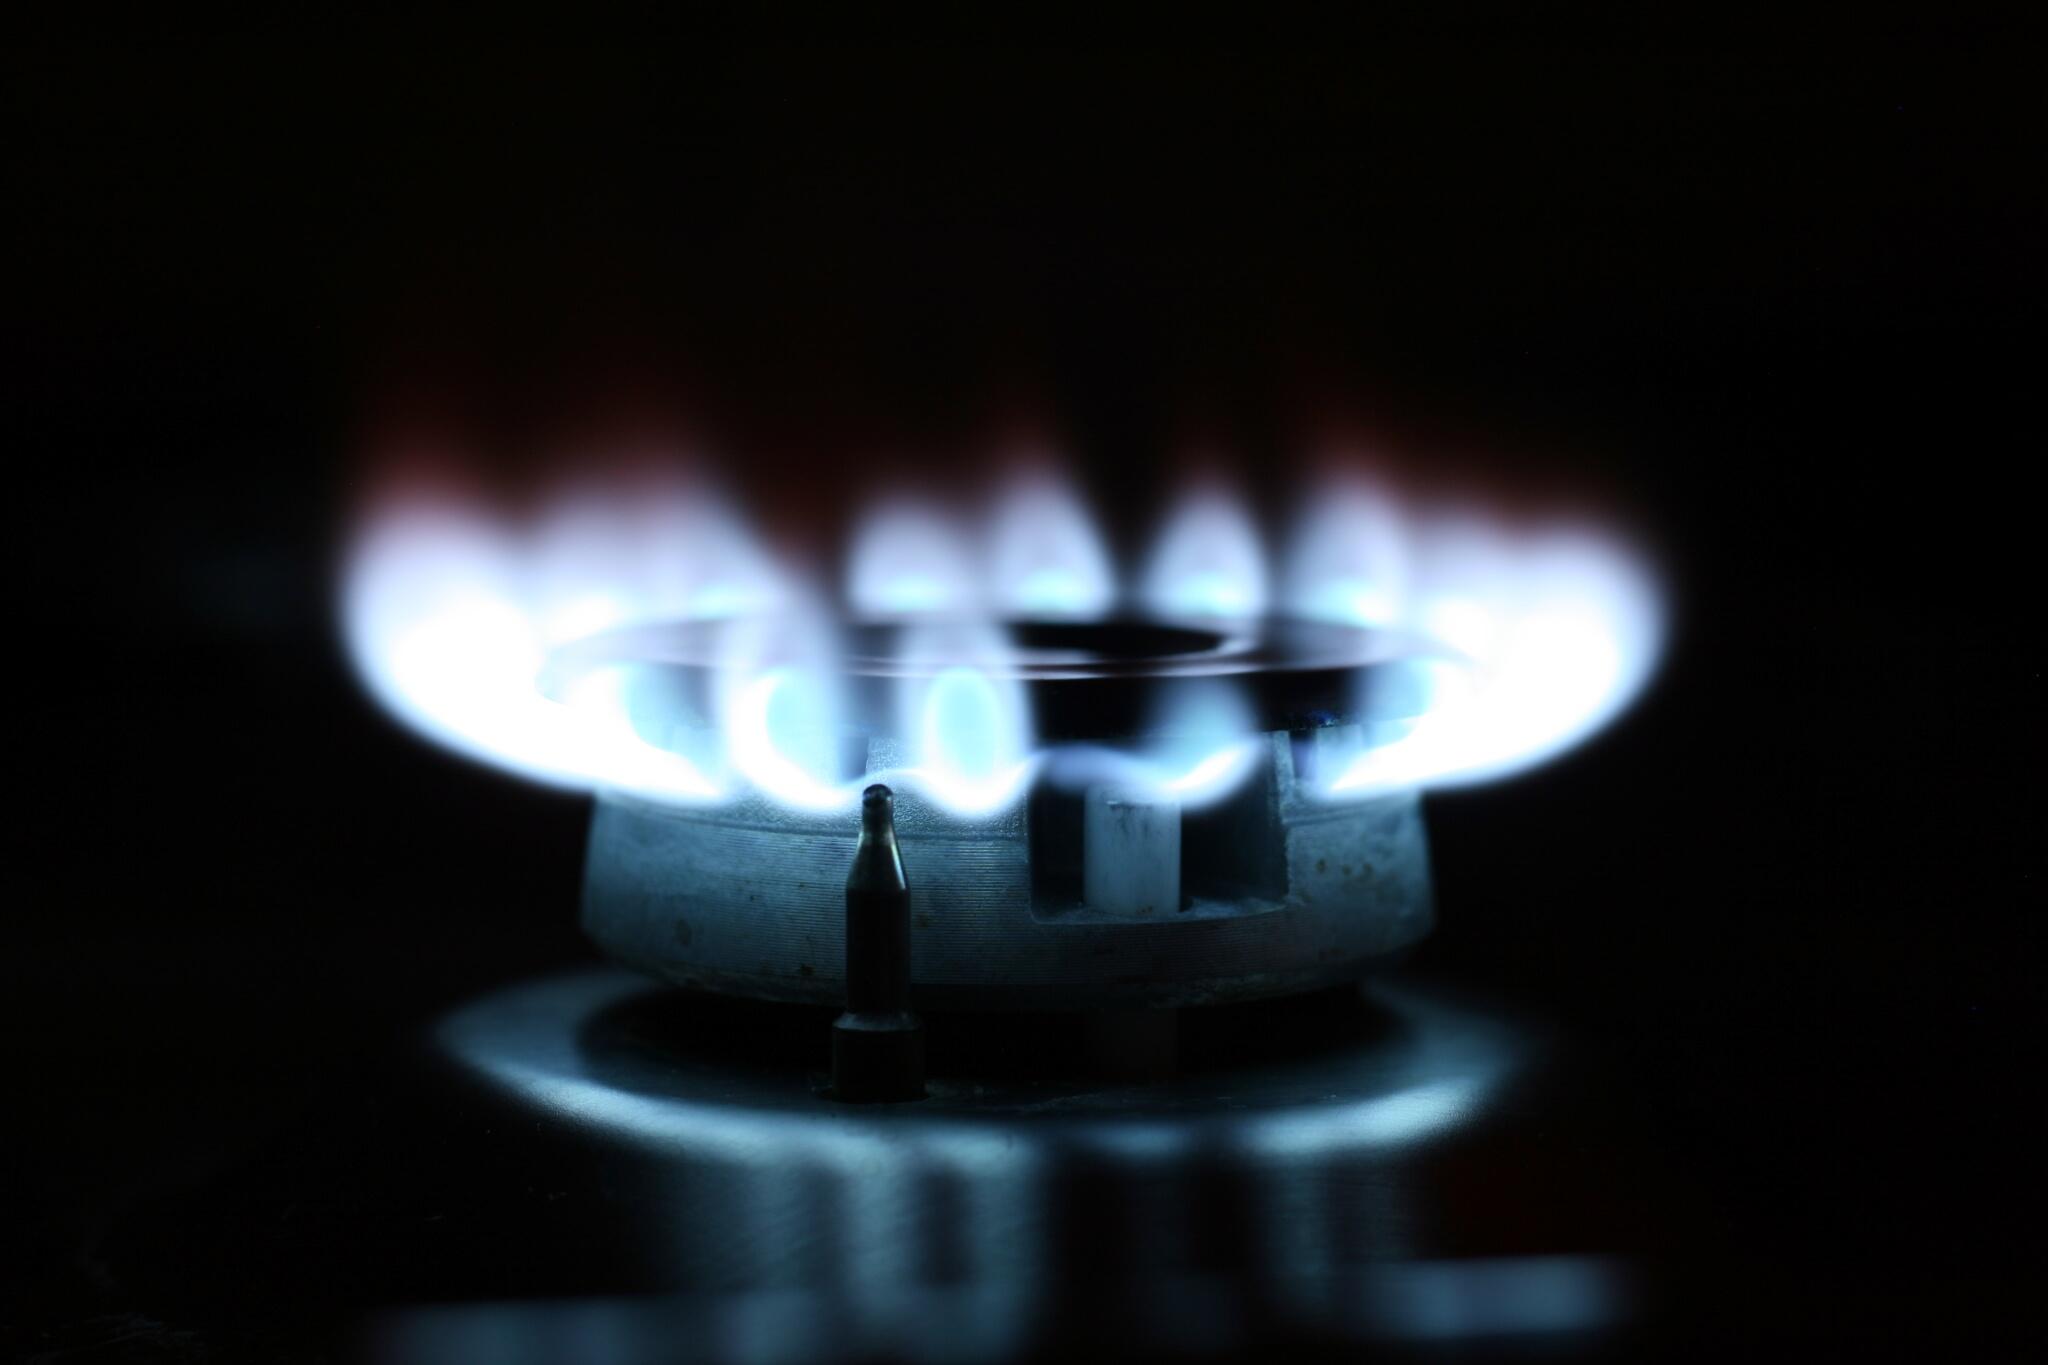 Gas Oder Holzkohlegrill Test : ᐅ holzkohle gas oder elektrogrill elektrogrill test